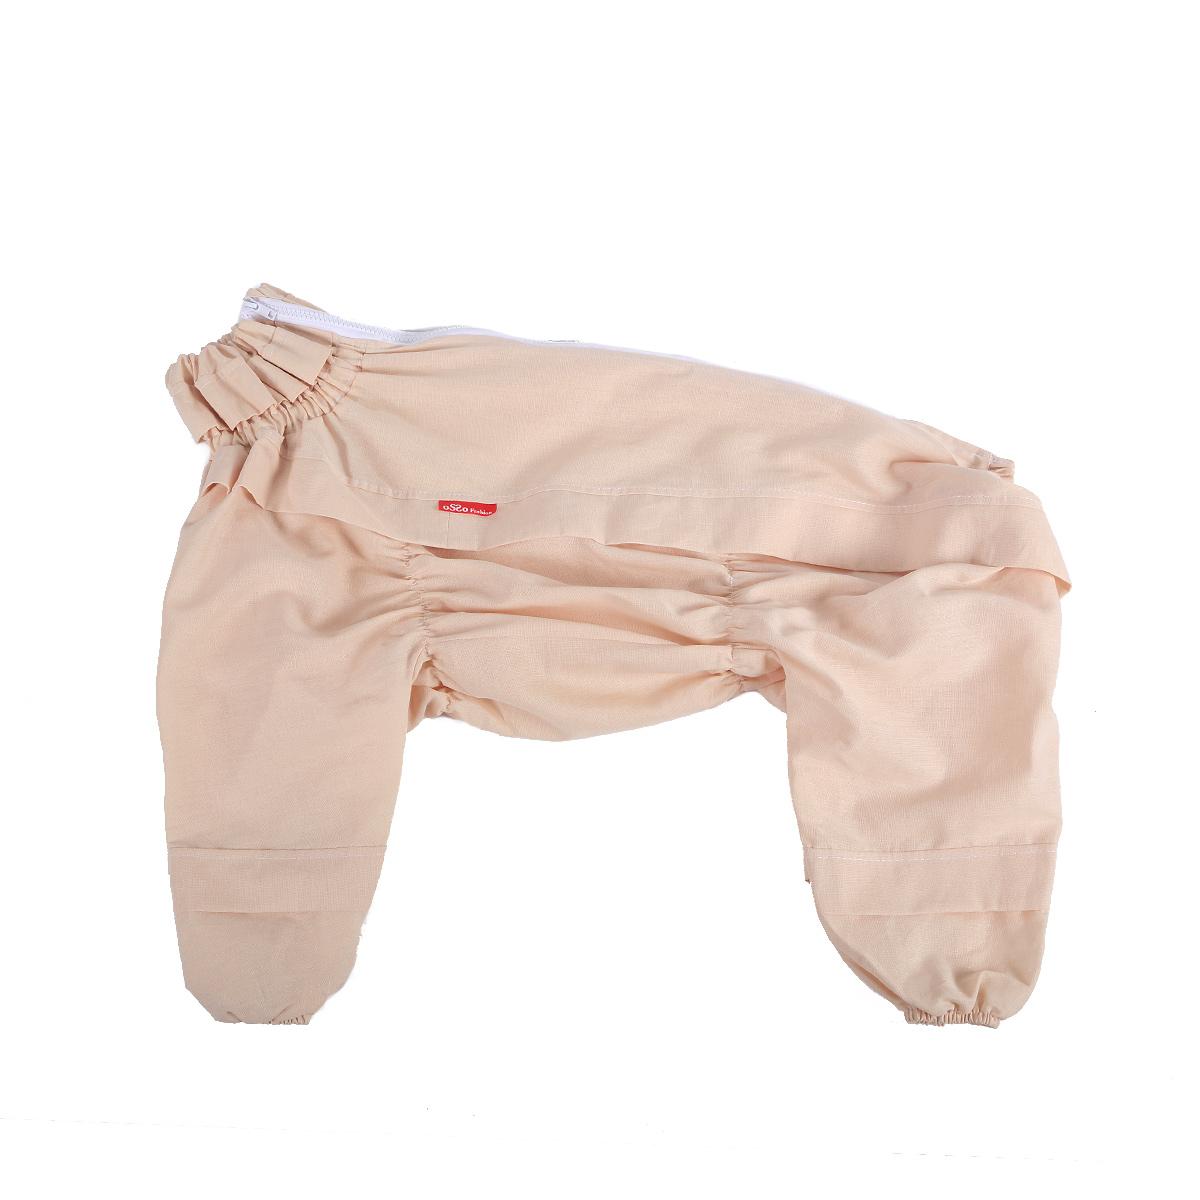 Комбинезон для собак OSSO Fashion, от клещей, для мальчика, цвет: бежевый. Размер 30Кк-1020Комбинезон для собак OSSO Fashion изготовлен из 100% хлопка, имеет светлую расцветку, на которой сразу будут заметны кровососущие насекомые. Комбинезон предназначен для защиты собак во время прогулок по парку и лесу. Разработан с учетом особенностей поведения клещей. На комбинезоне имеются складки-ловушки на груди, на штанинах, на боках комбинезона и на шее, которые преграждают движение насекомого вверх. Комбинезон очень легкий и удобный. Низ штанин на резинке, на спине застегивается на молнию. Длина спинки: 30 см. Объем груди: 40-48 см.